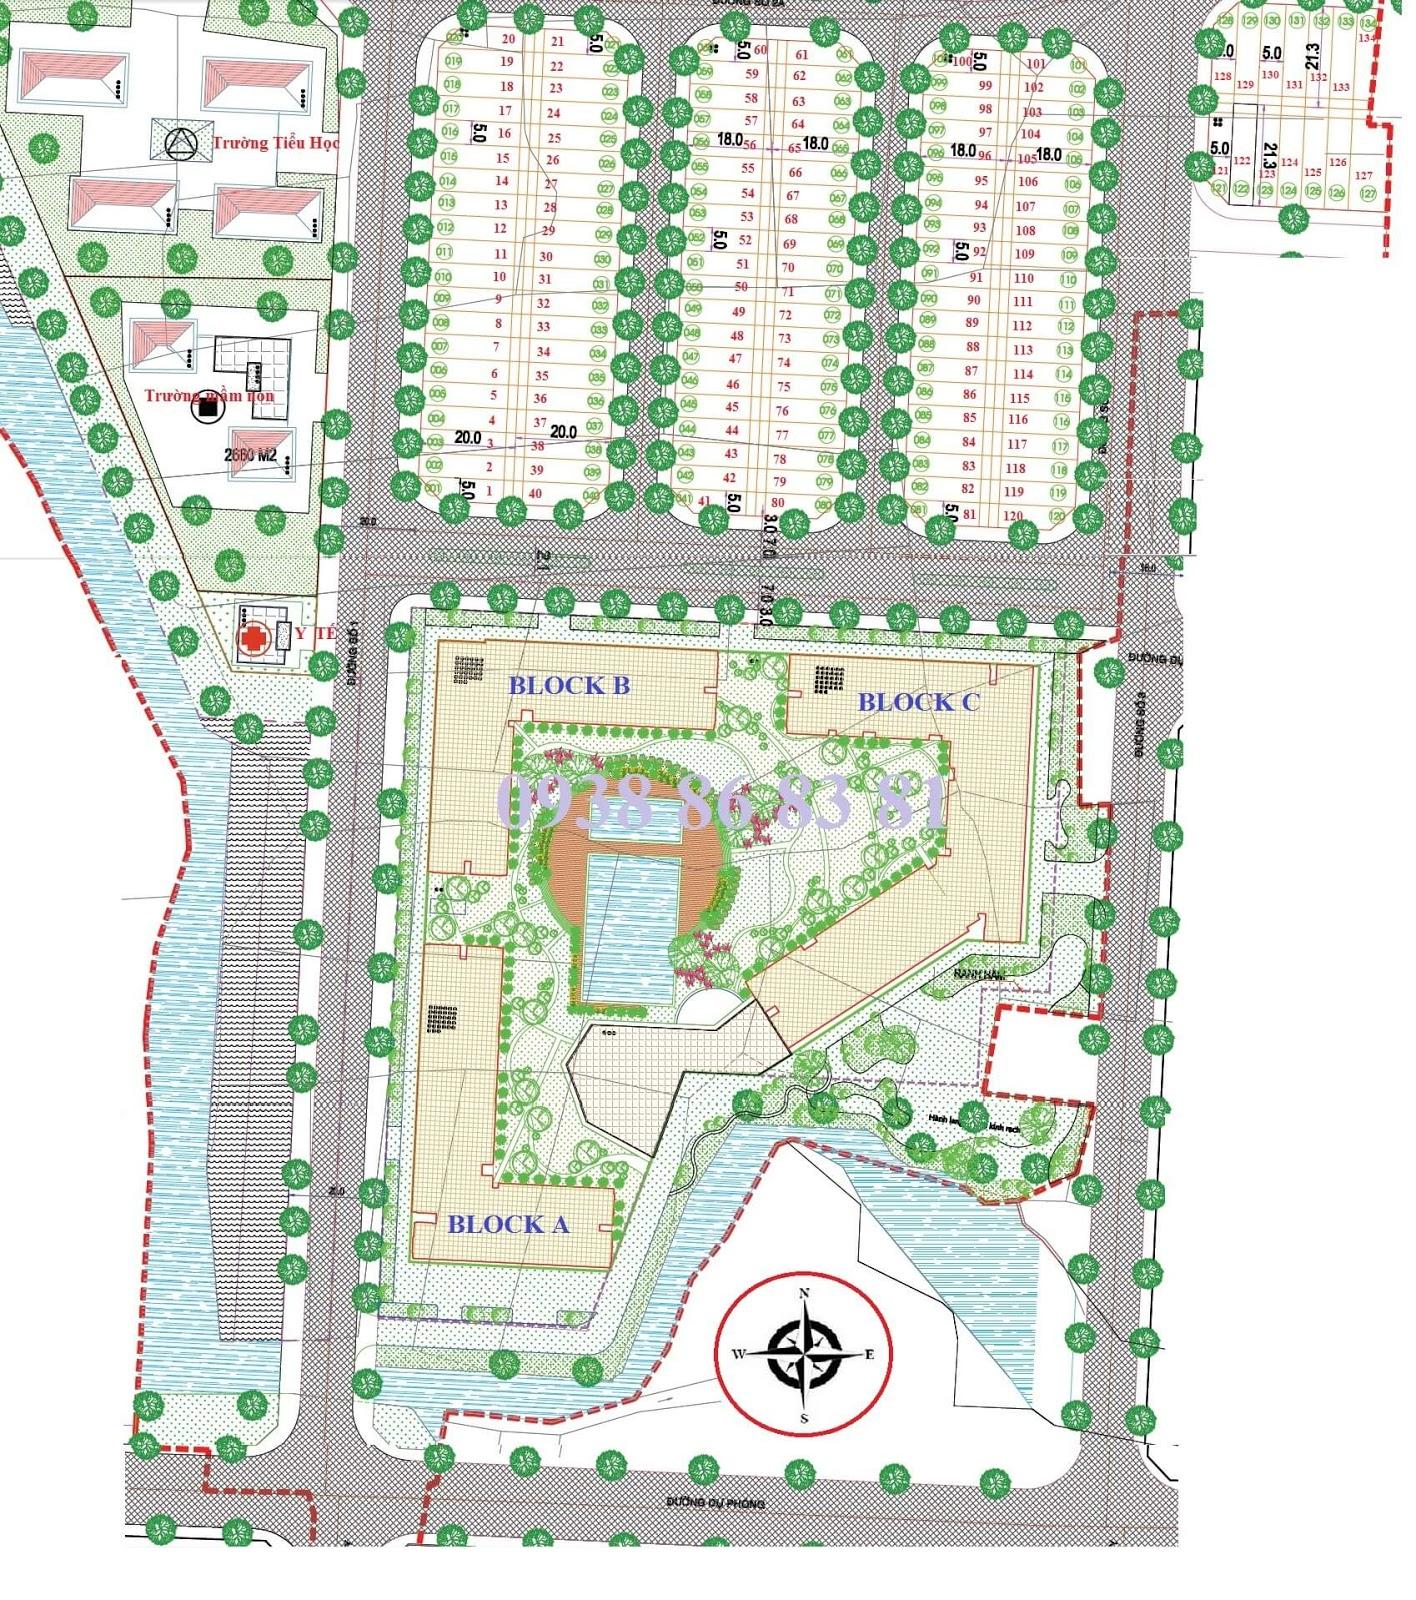 Tổng quan Mặt bằng toàn Khu phức hợp Căn hộ - Nhà phố dự án NBB Garden 3